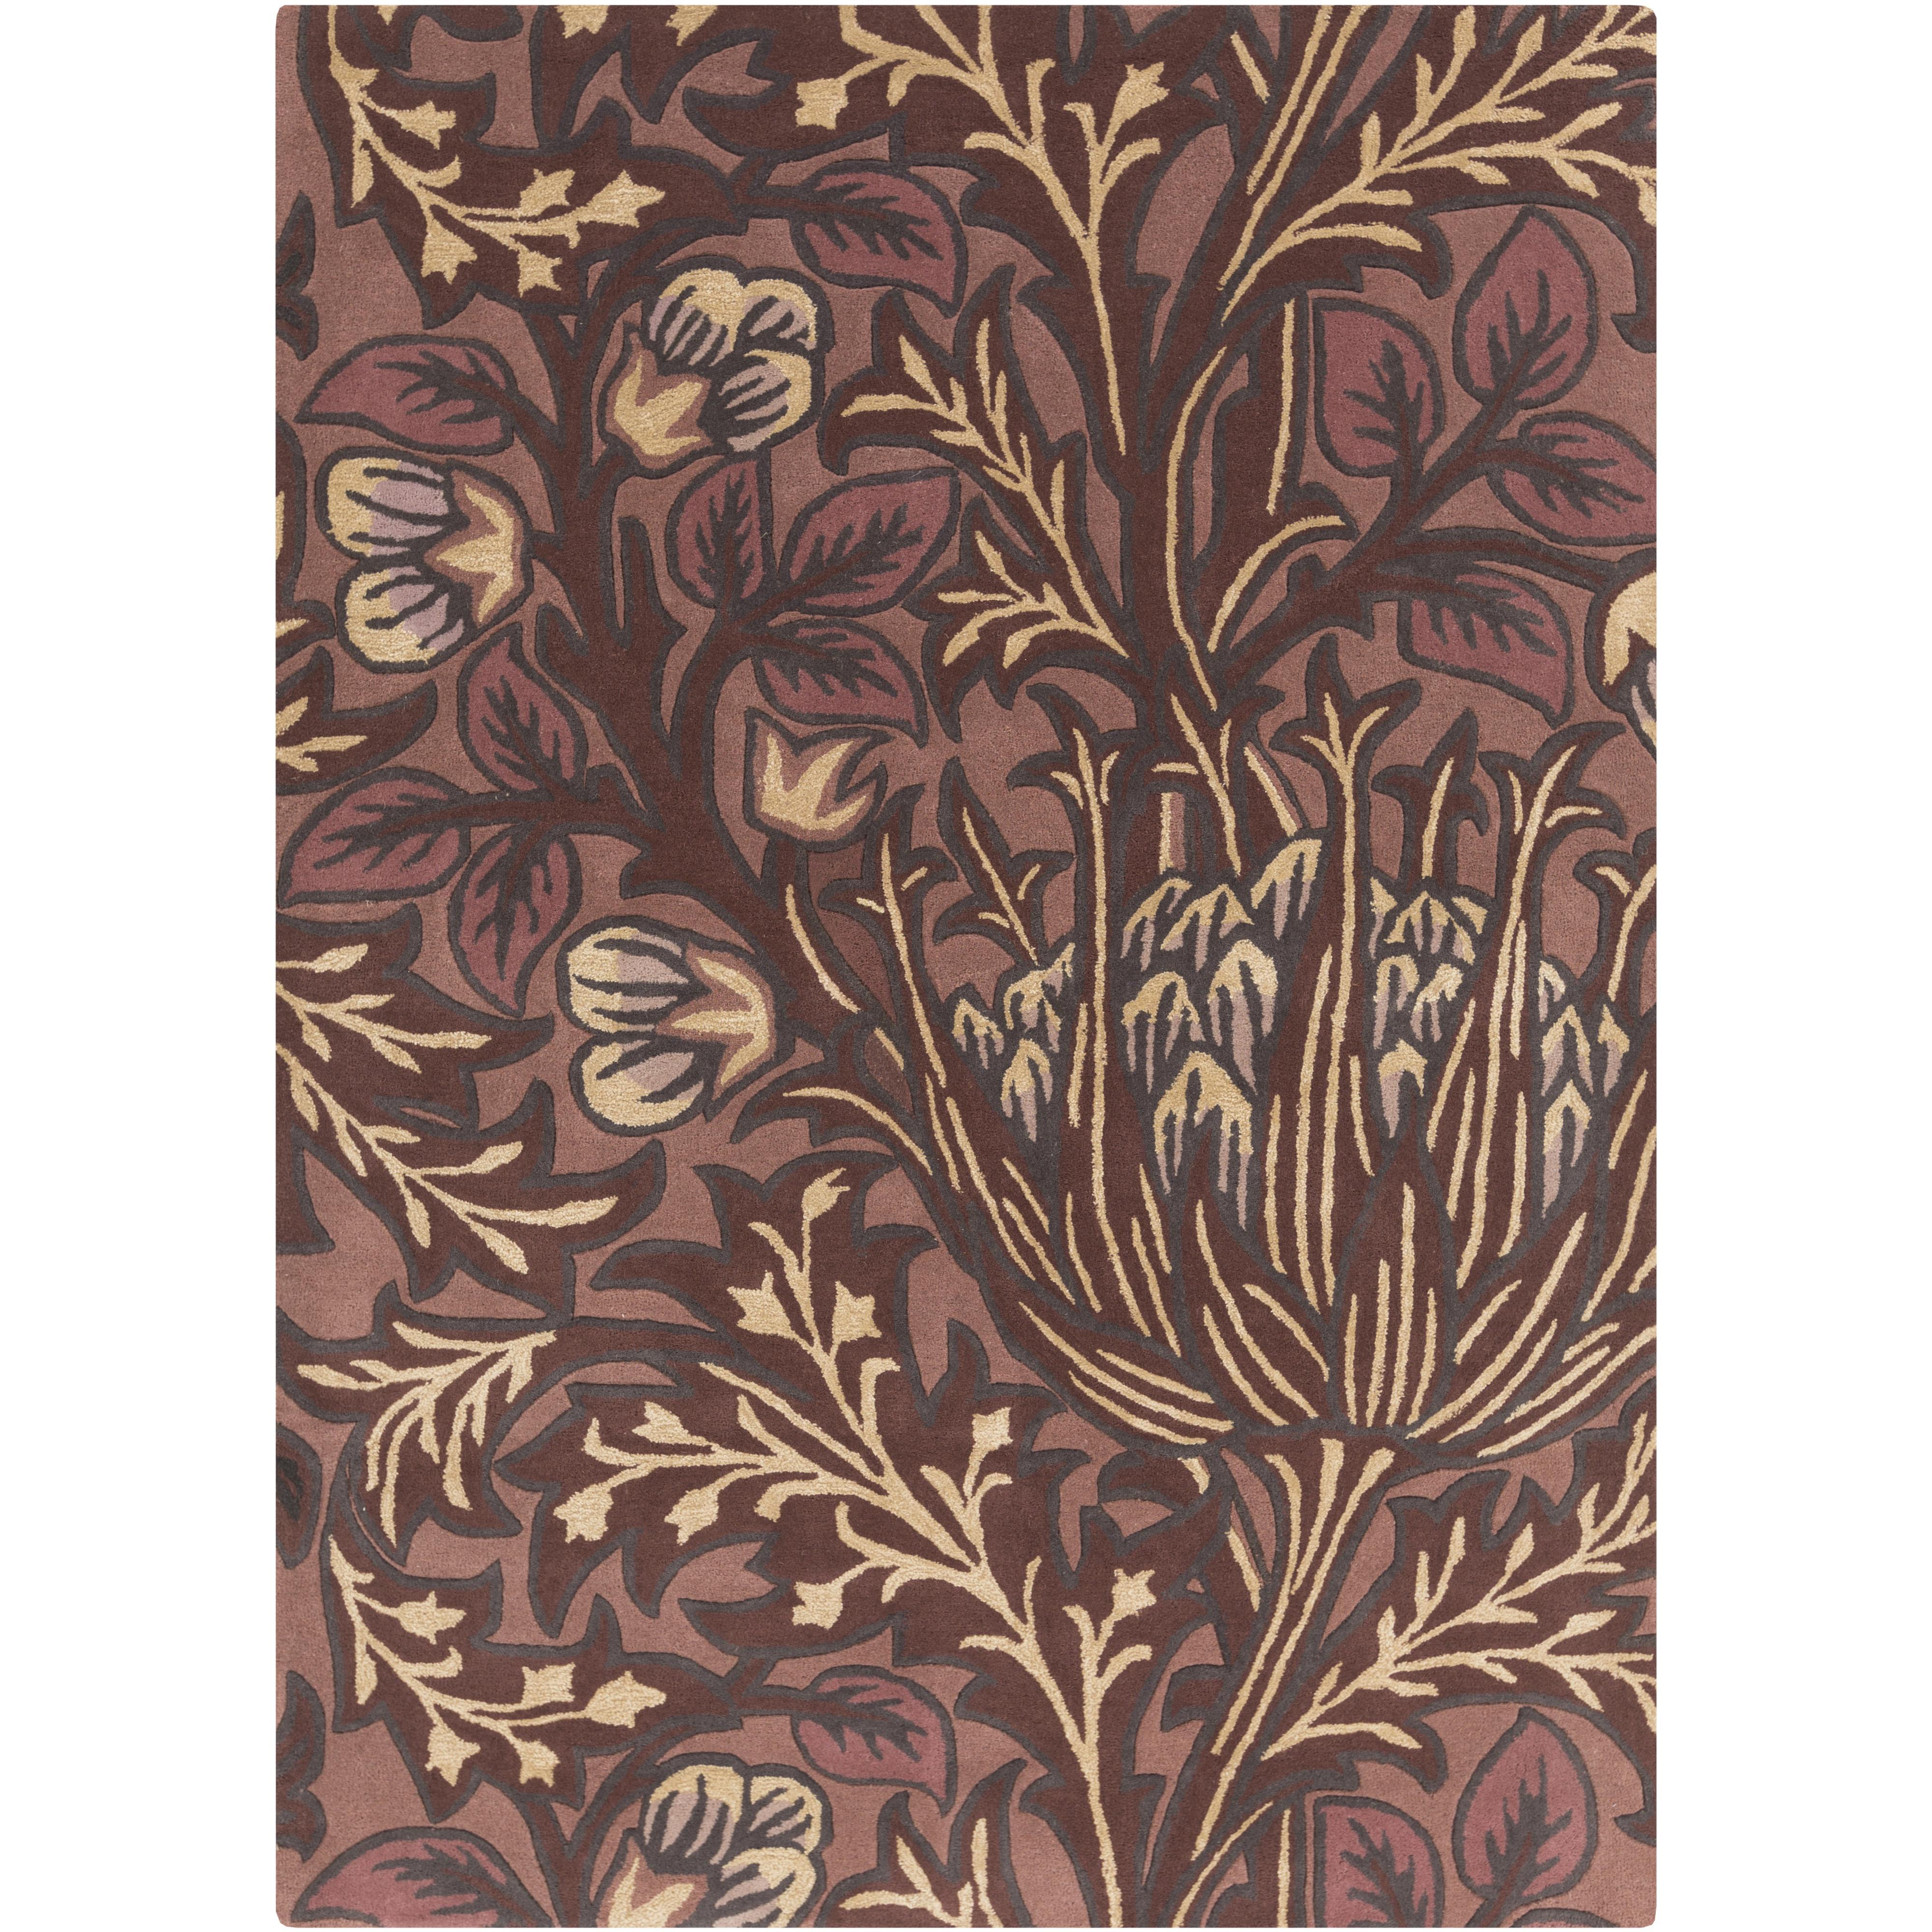 """Surya Rugs William Morris 3'3"""" x 5'3"""" - Item Number: WLM3006-3353"""